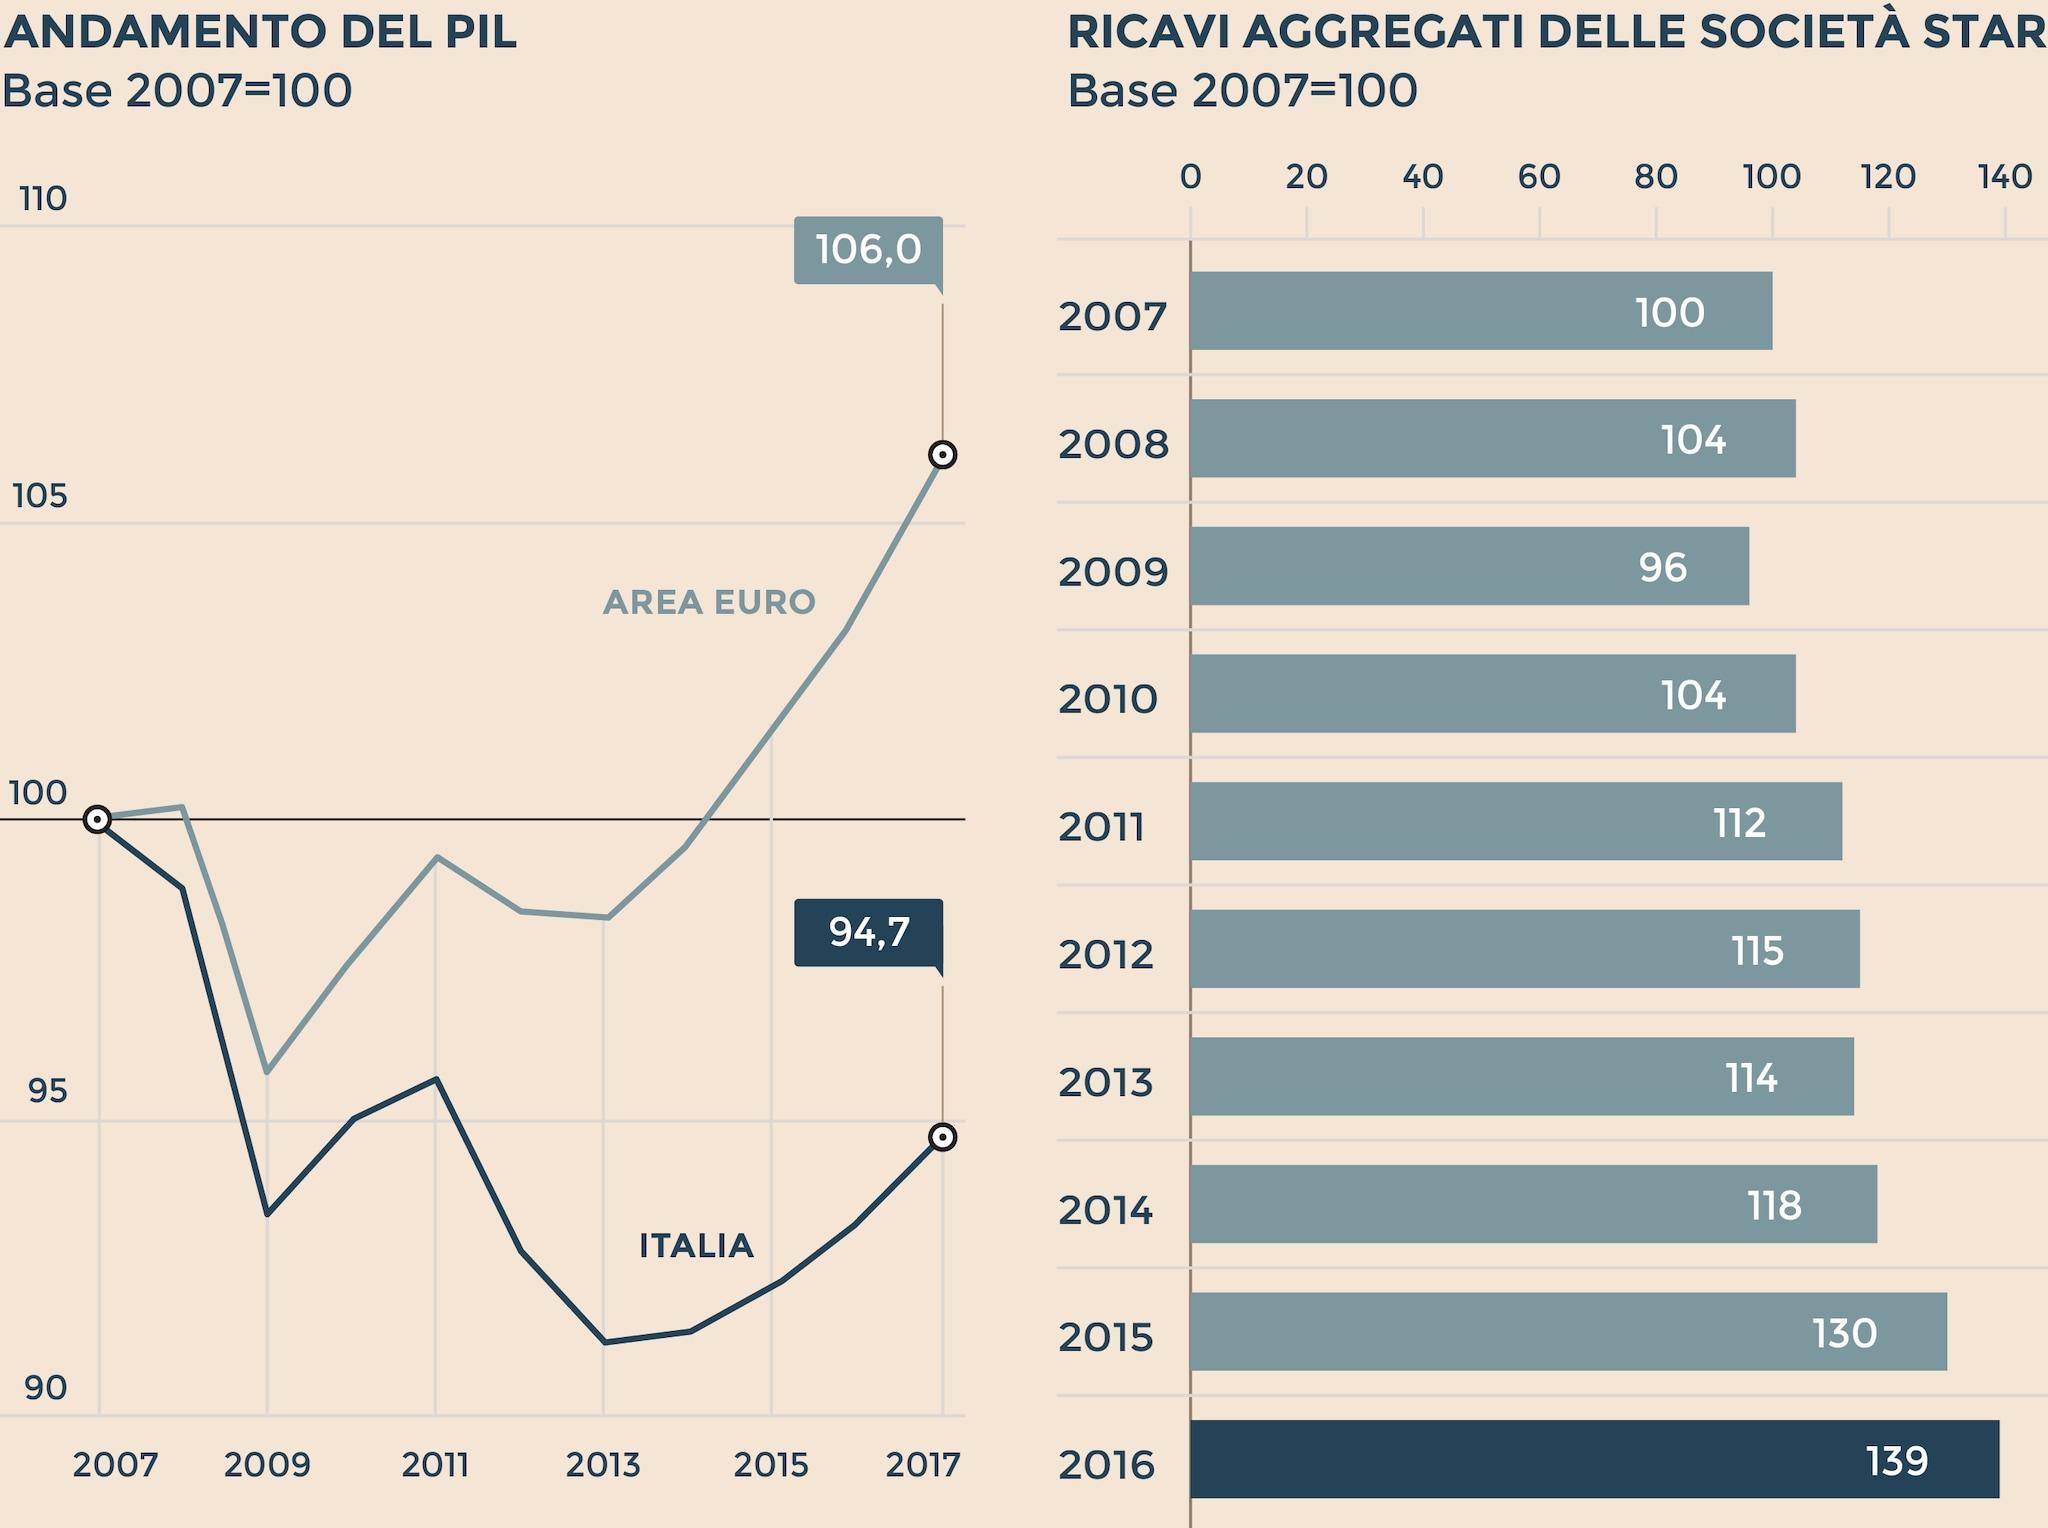 LE SOCIETÀ DELLO STAR BATTONO IL PIL